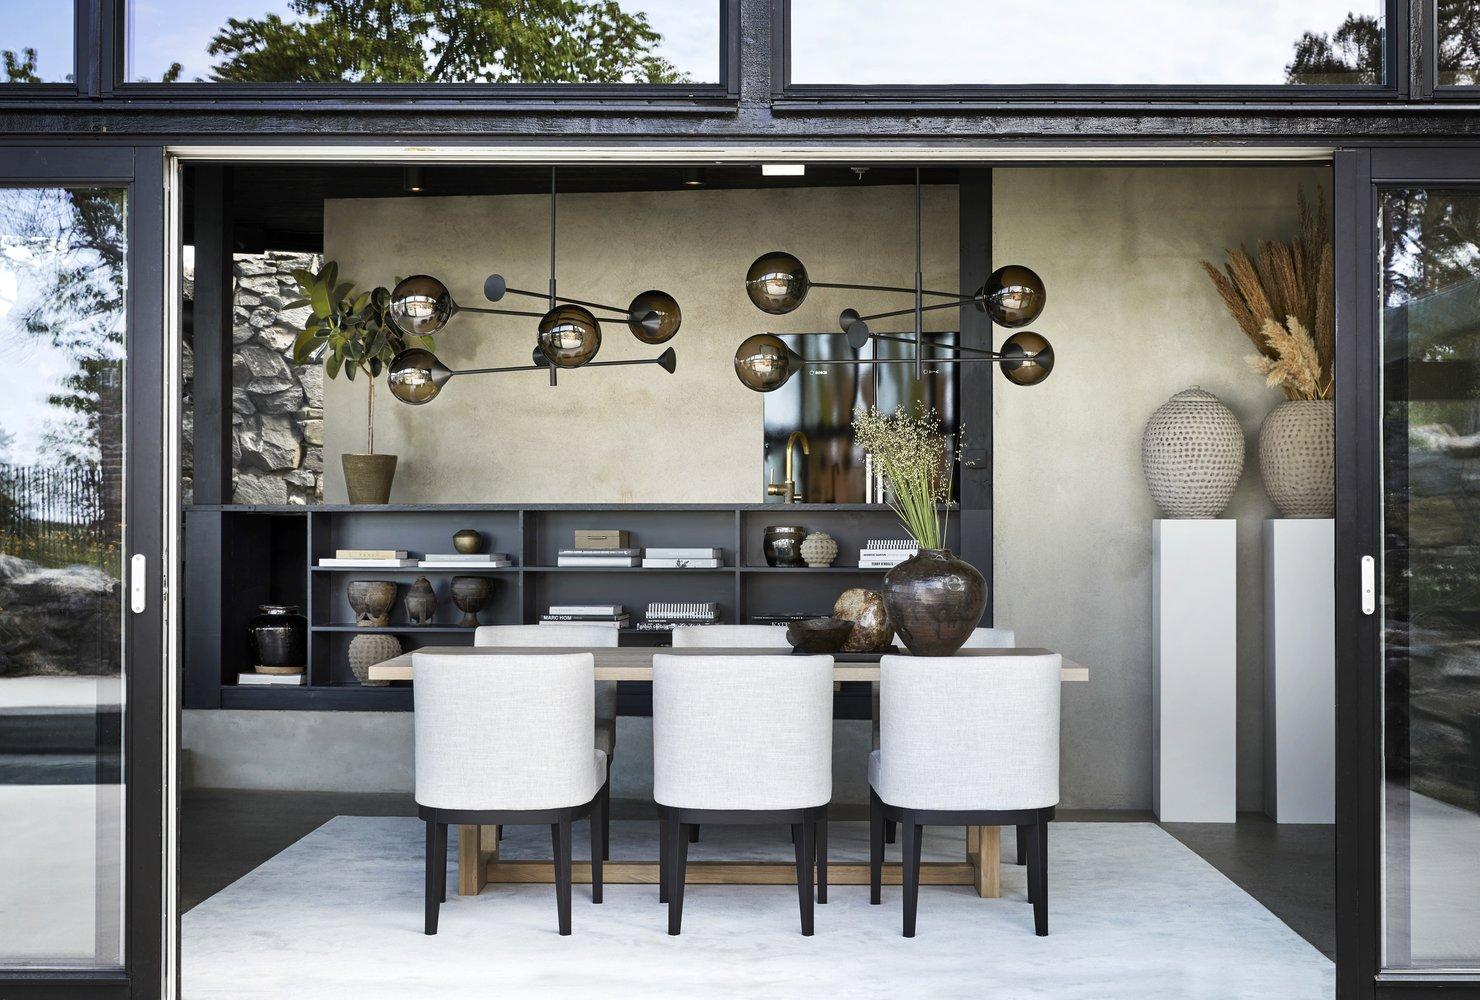 Lampen Kendama er laget for hånd i Italia, med glasskuppel av autentisk muranoglass. Kendama finnes i flere varianter, både som gulv-, bord- og taklampe i ulike størrelser.